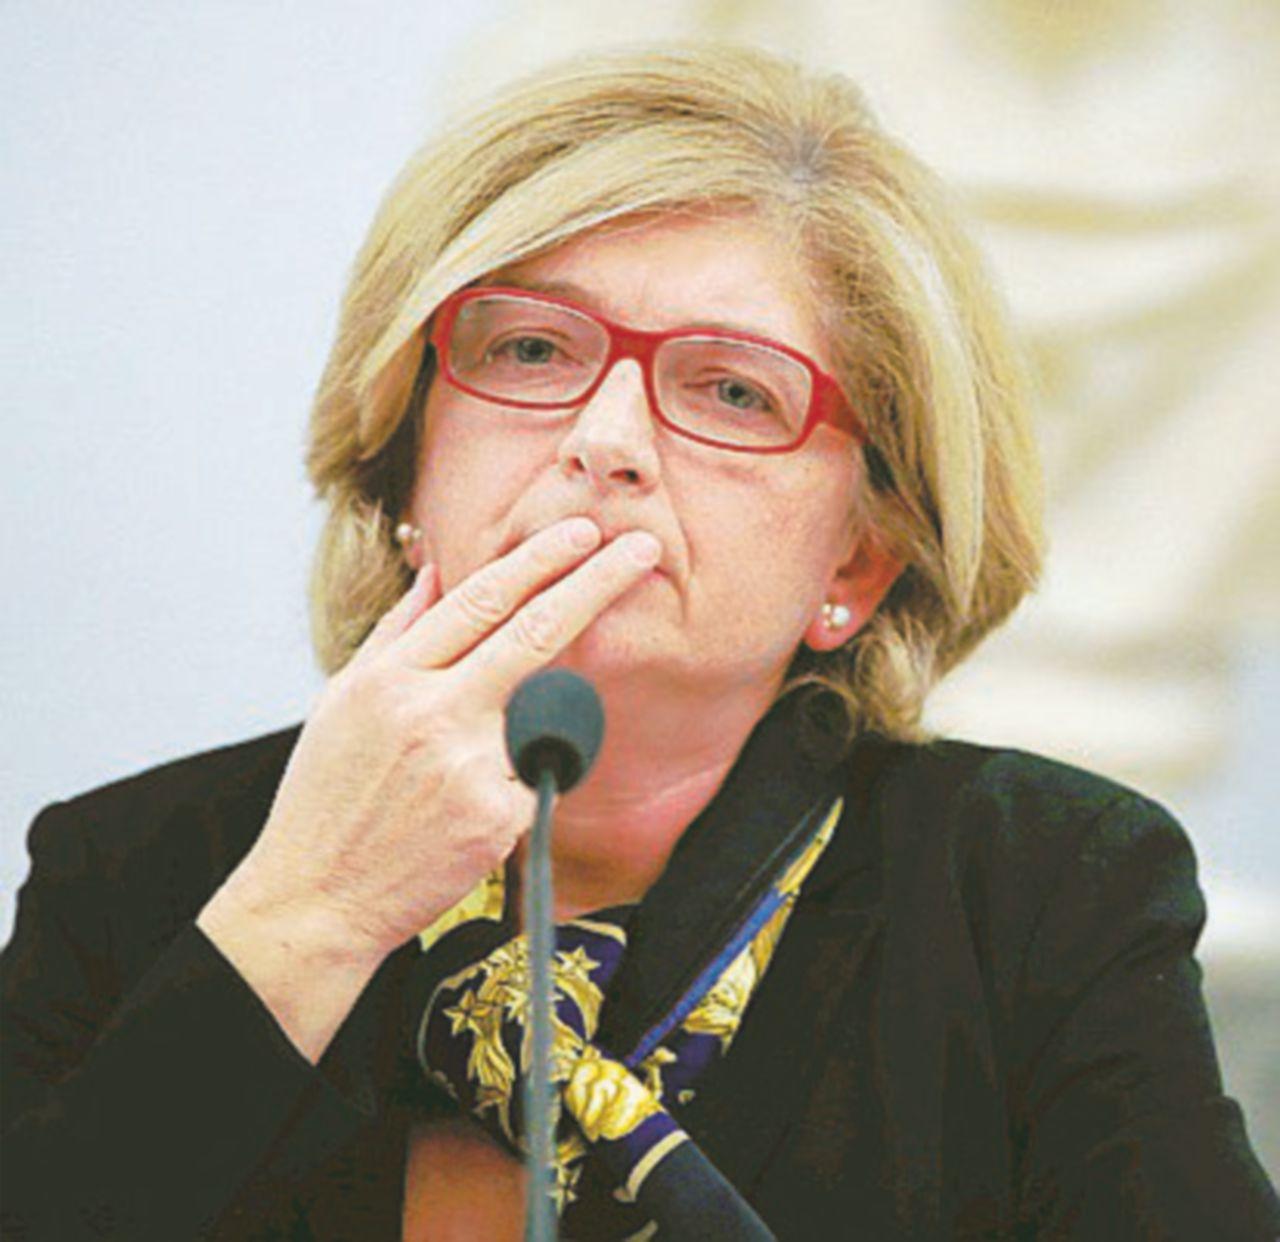 Paola Muraro, pronto l'invito  a comparire: l'assessore  si difenderà davanti  ai magistrati